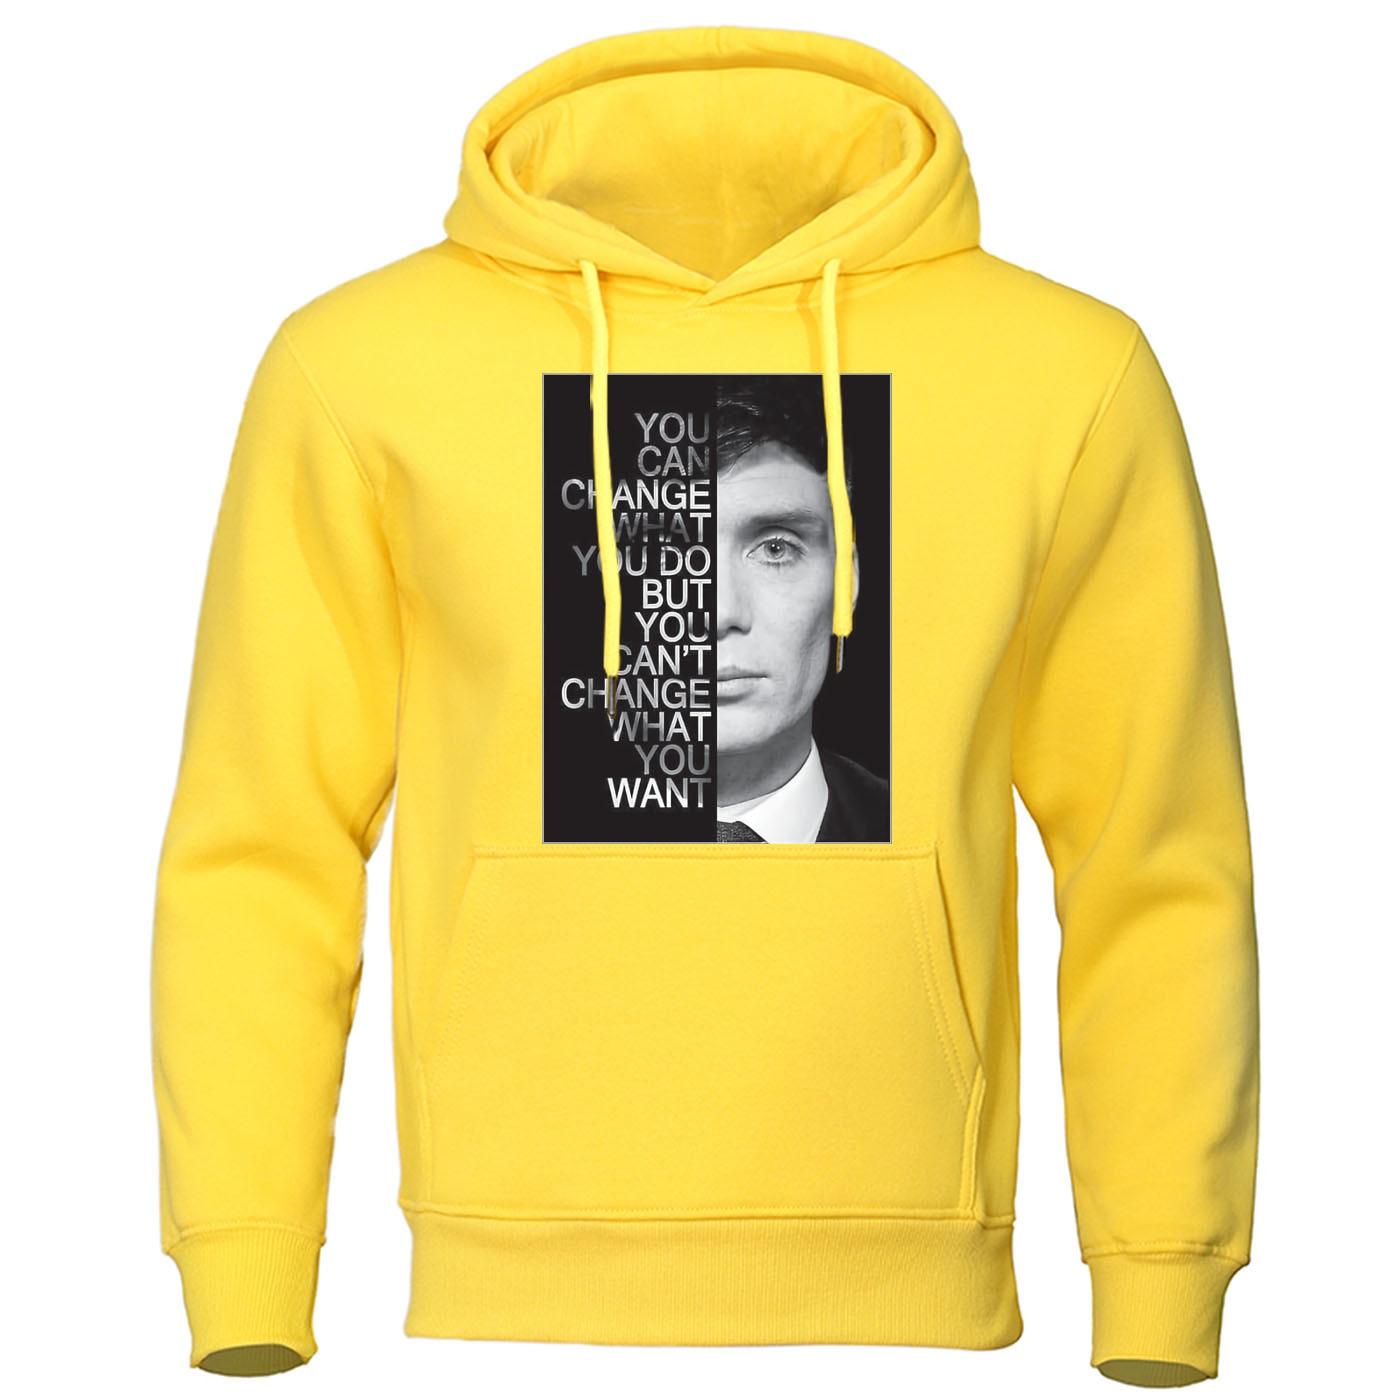 Autumn Winter Clothes Peaky Blinders TV Show Sweatshirt Men Printed Funny Hoodie Mens Gangster Family Streetwear Hip Hop Hoodies